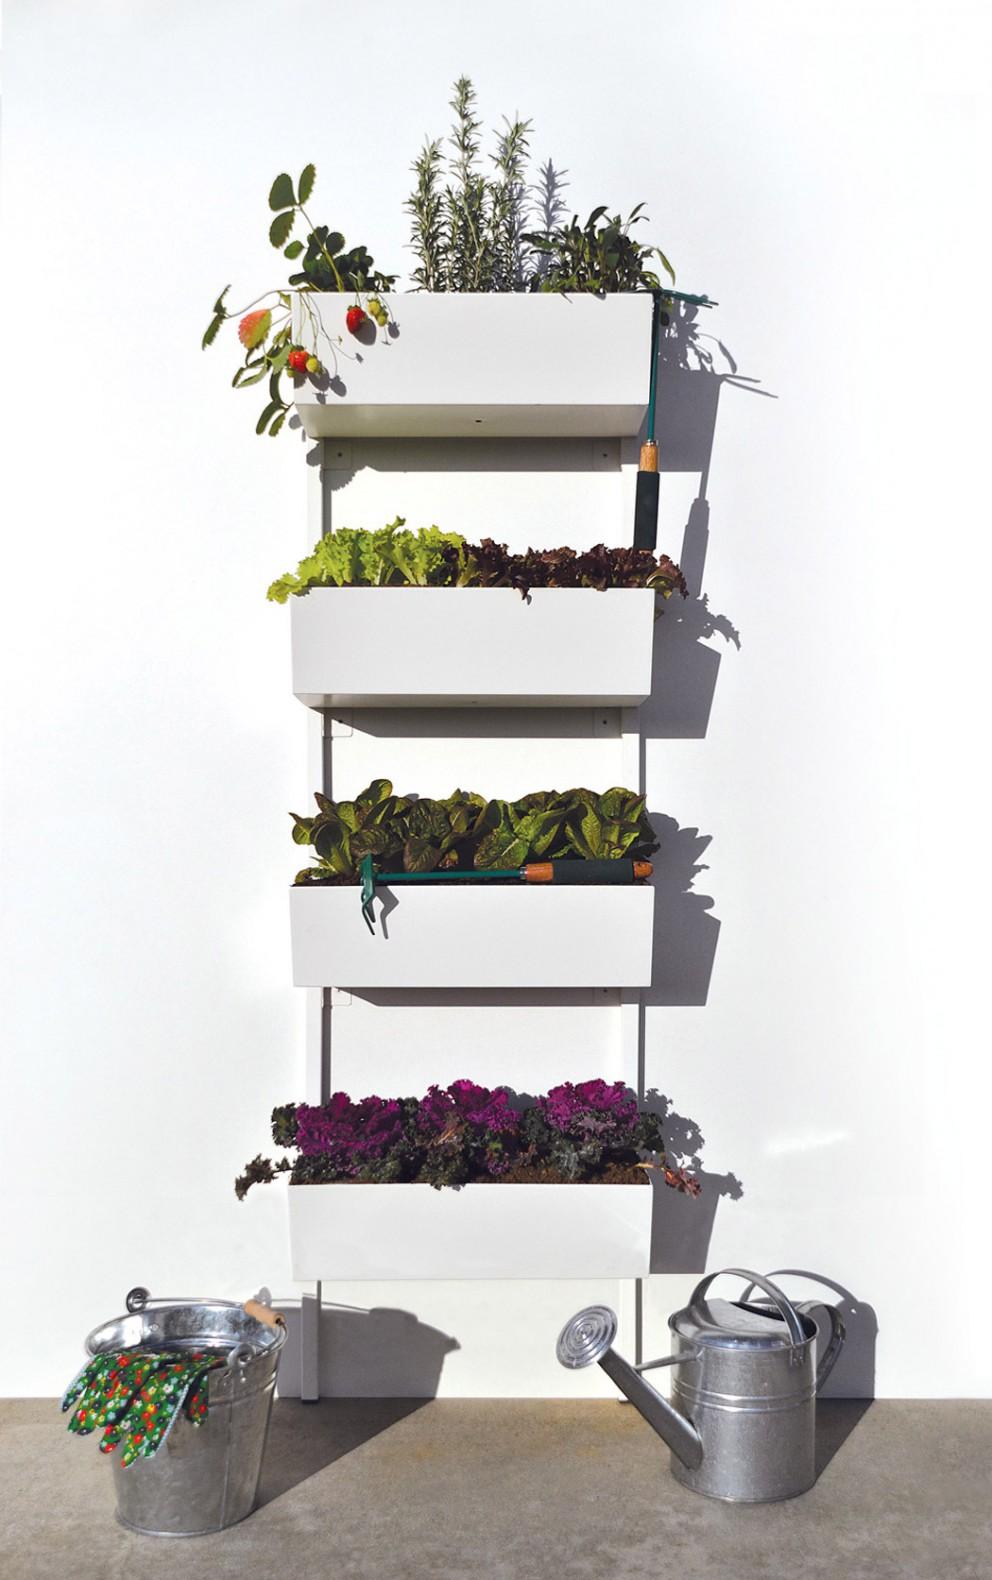 Tante idee per il mio nuovo orto sul balcone - Cucina sul balcone ...